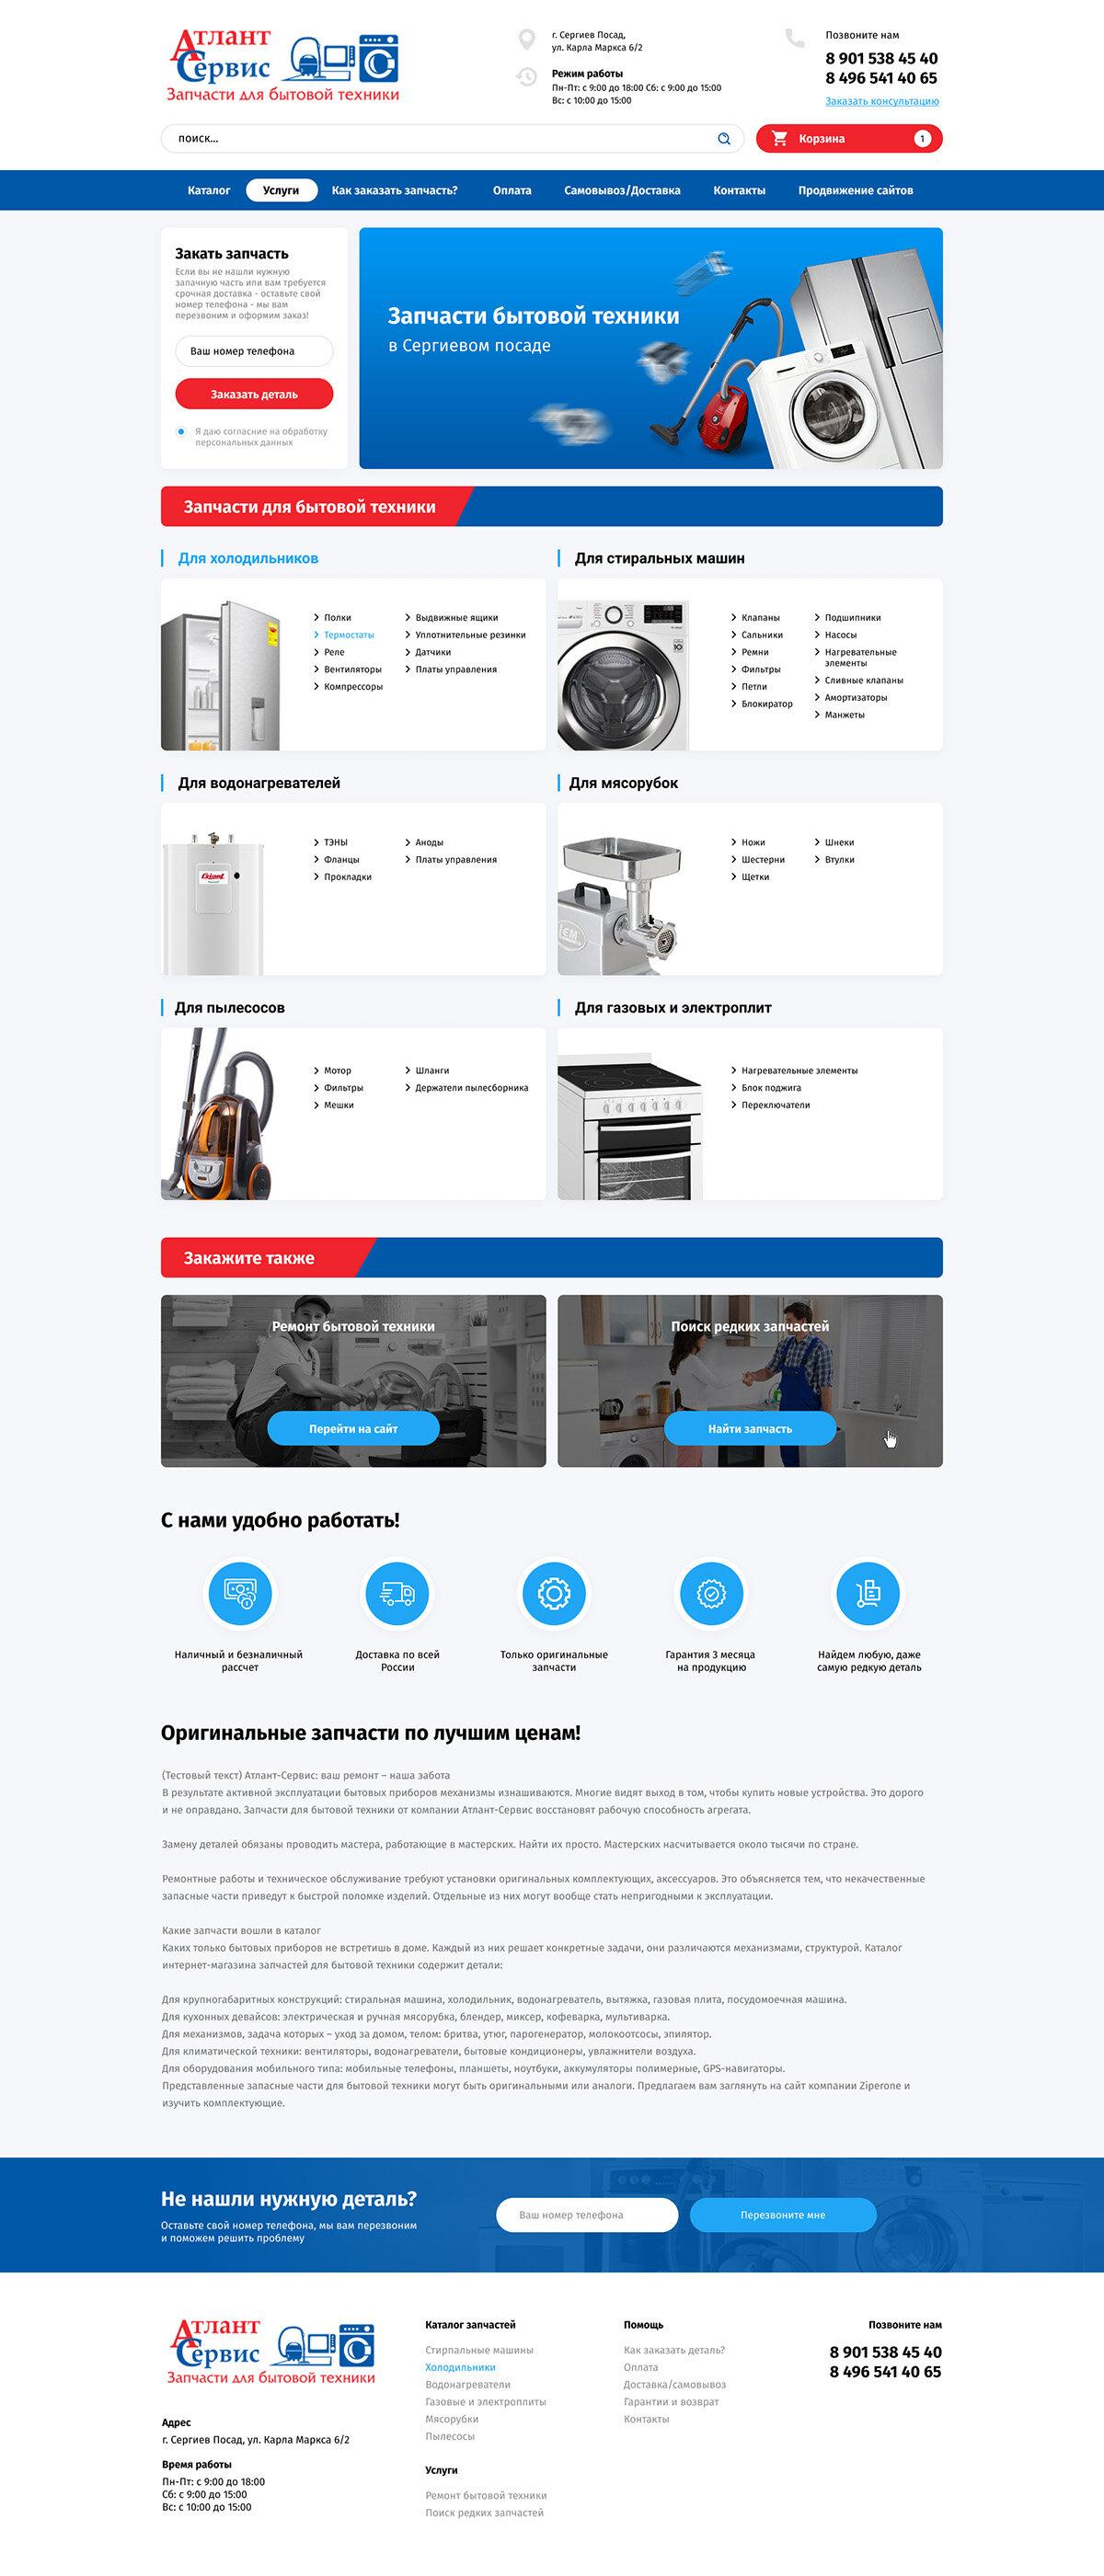 Атлант создание сайта строительные компании рязани официальные сайты